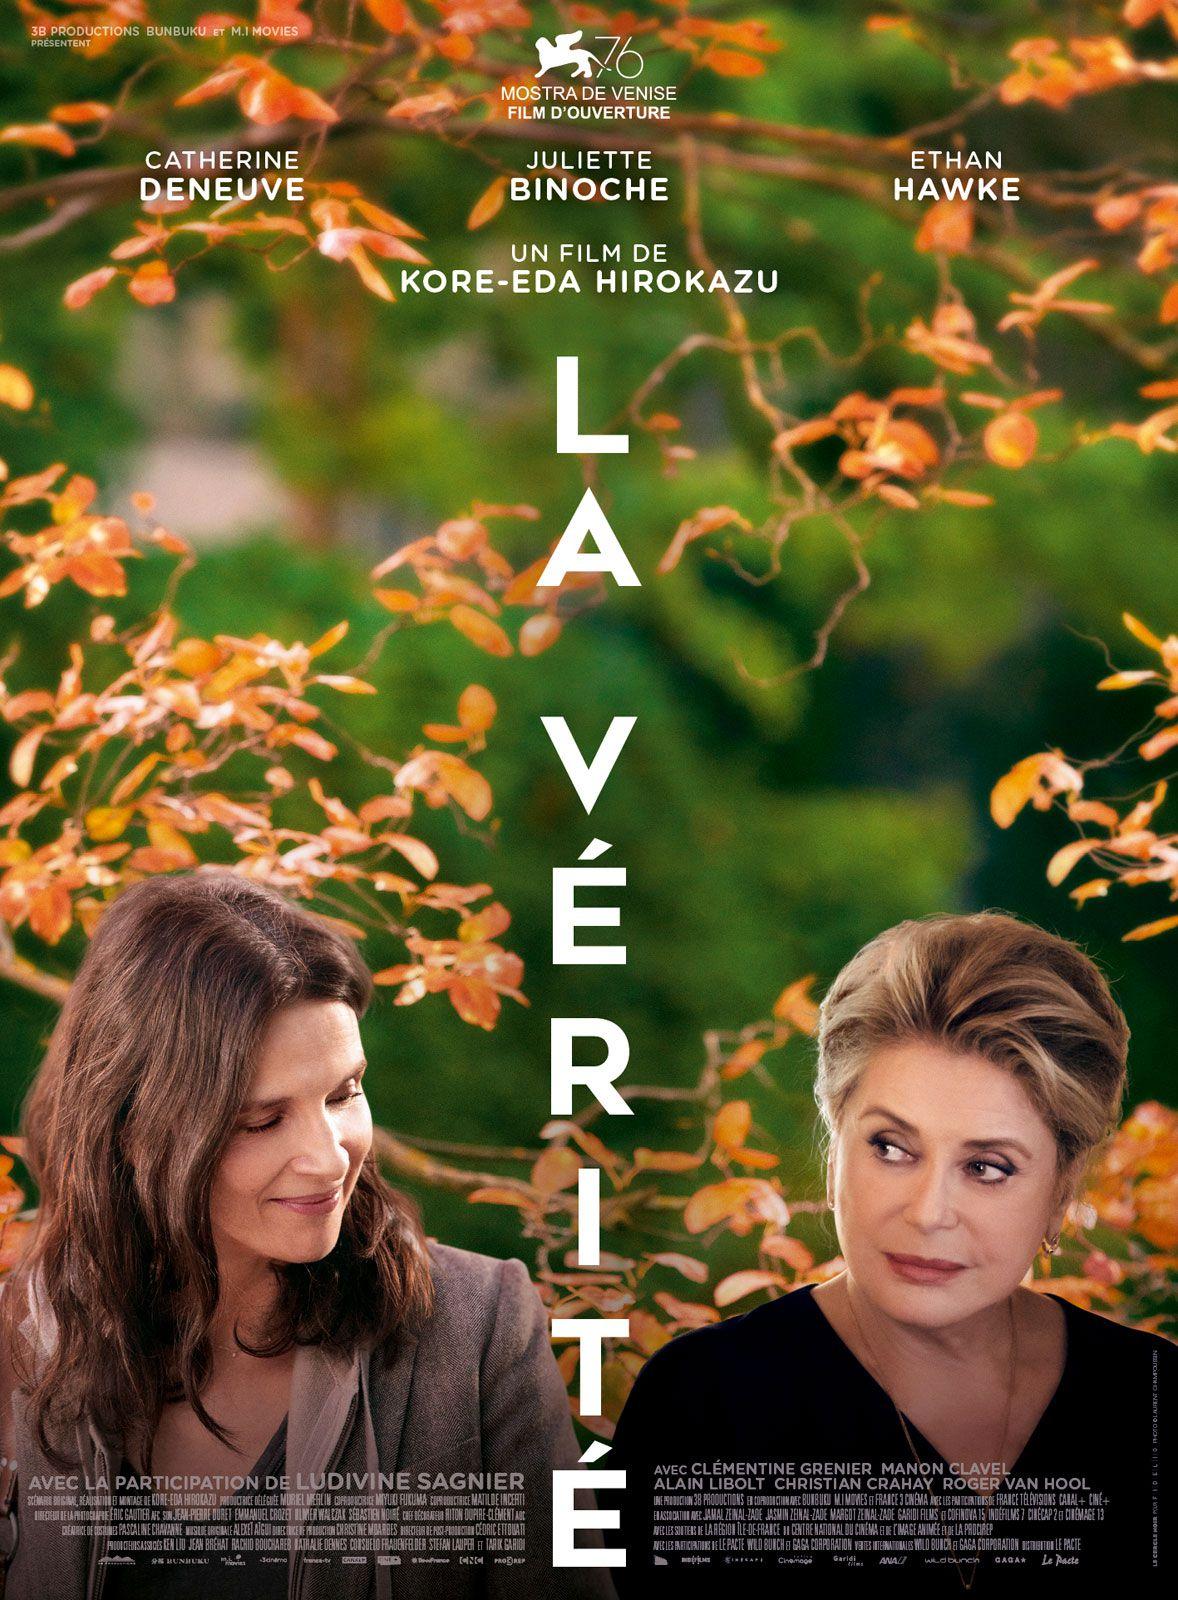 La Vérité - Film (2019)